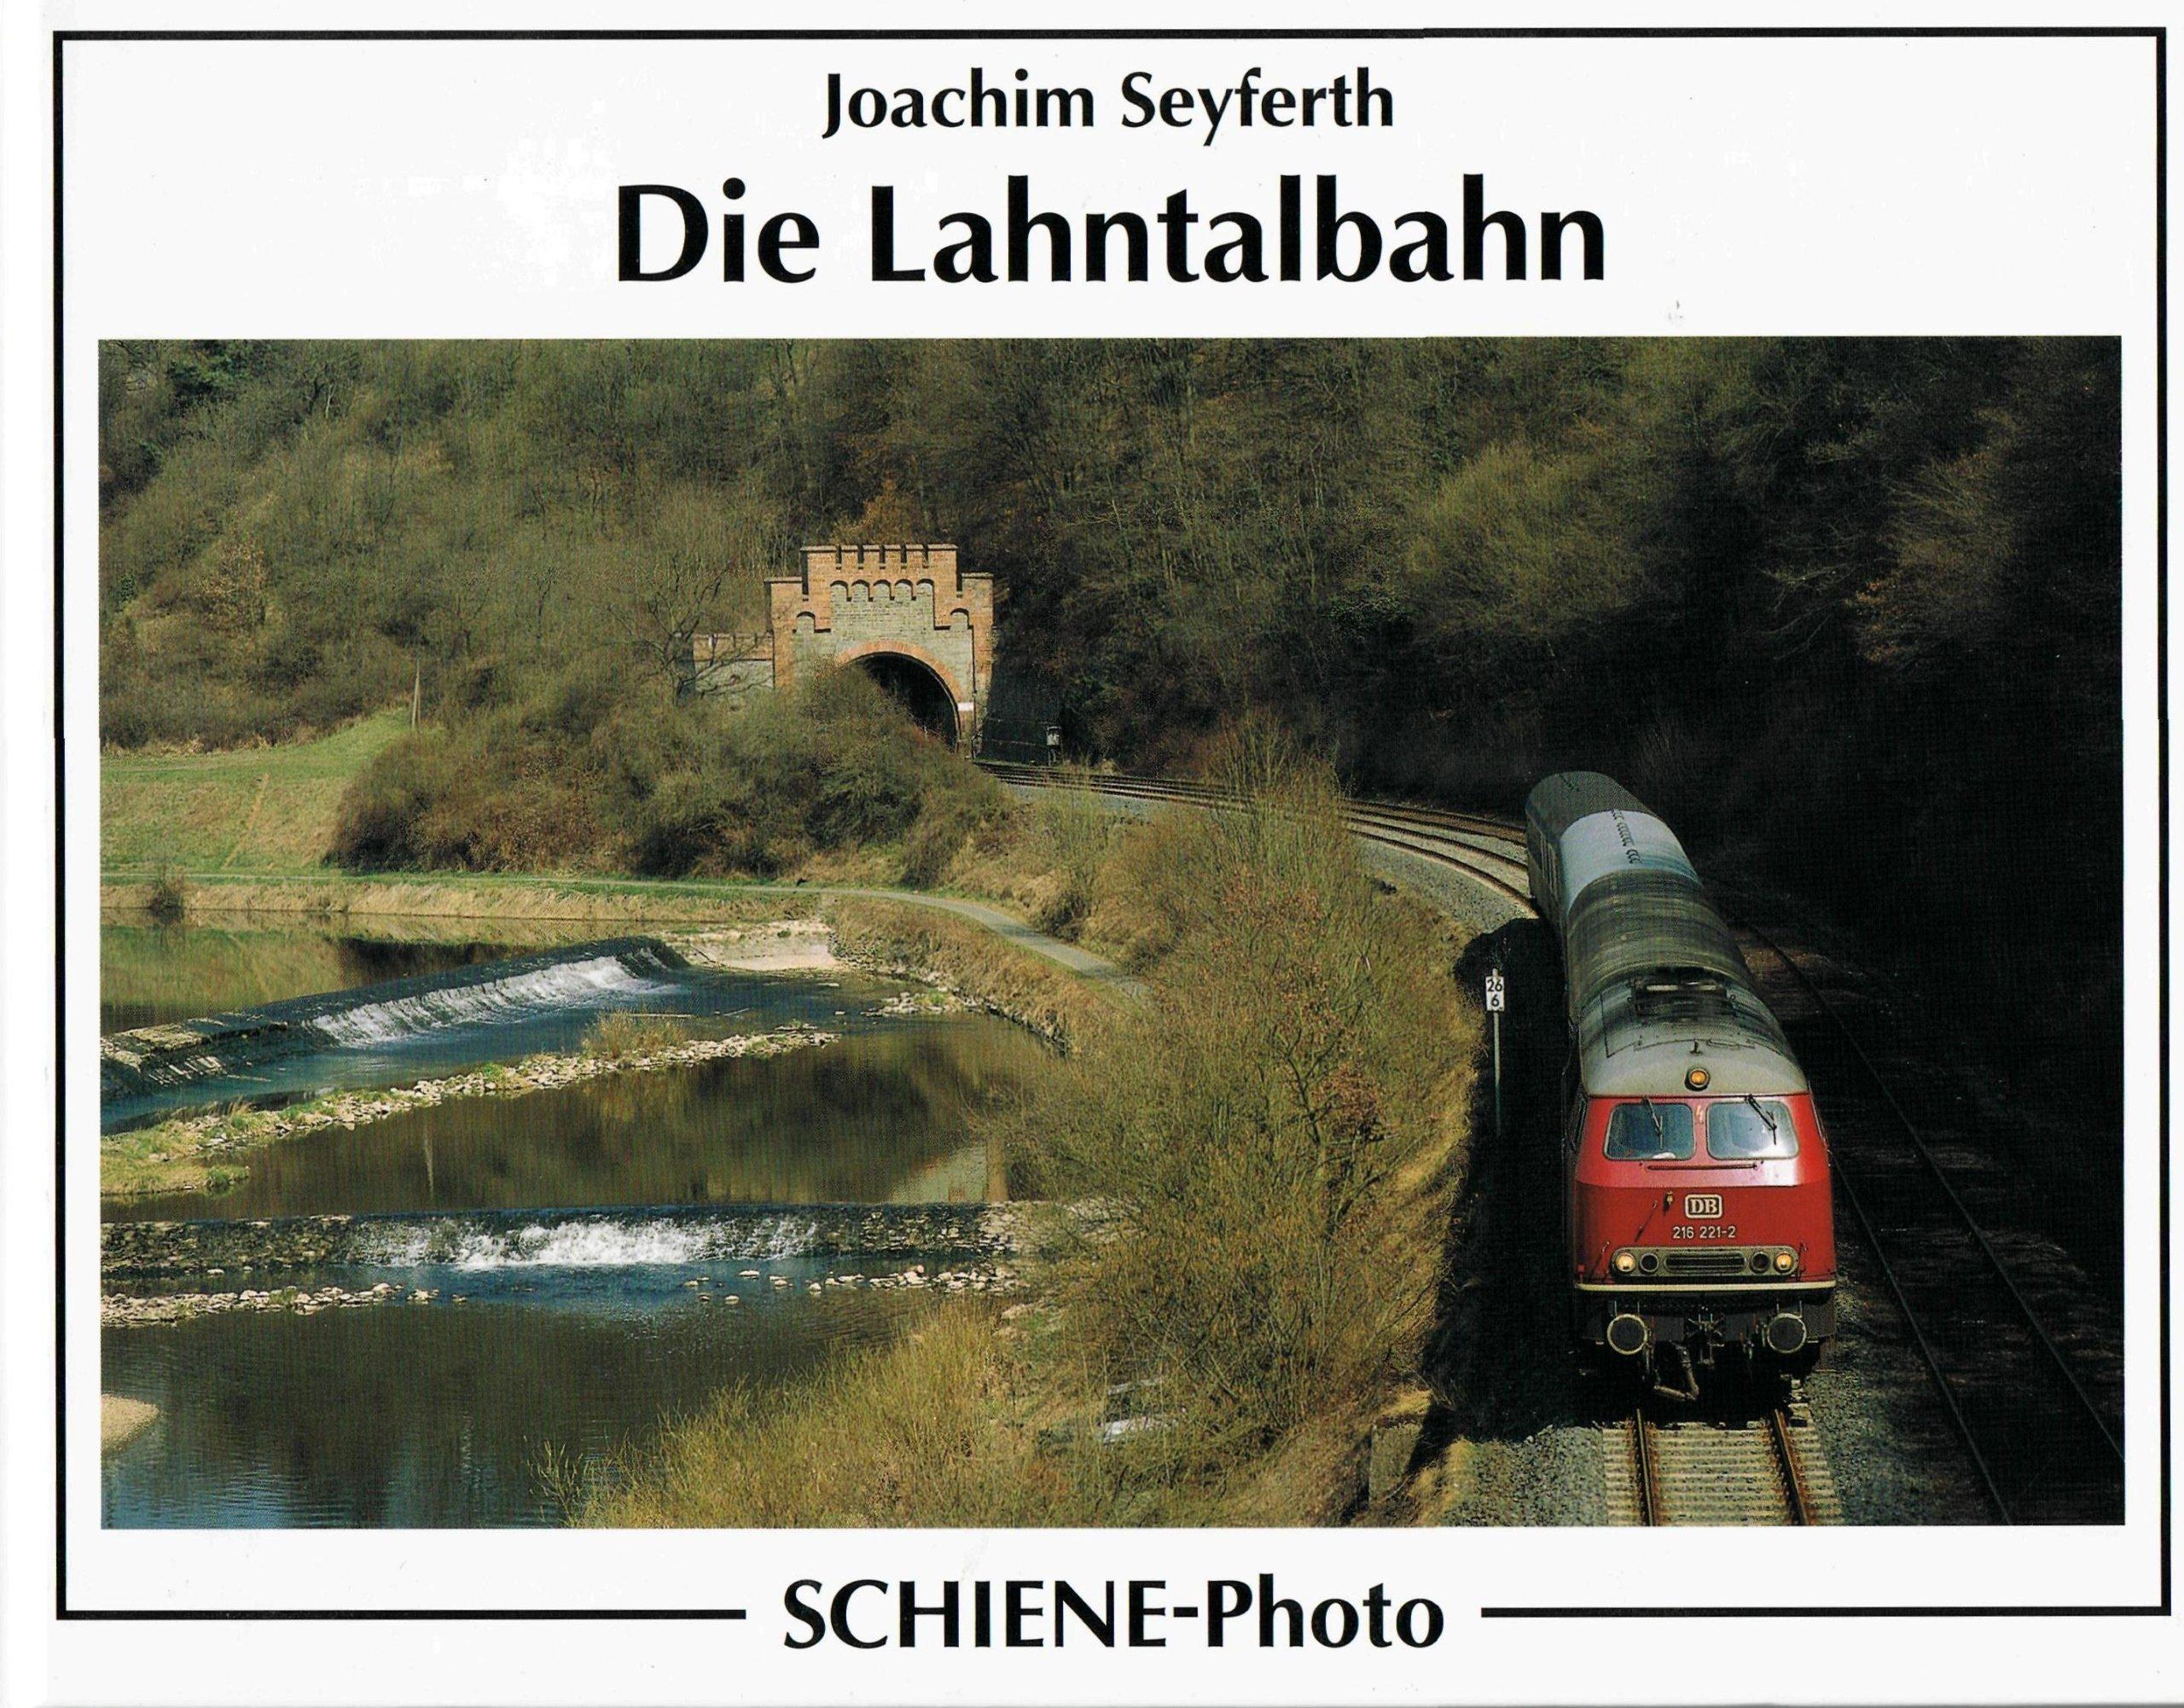 Die Lahntalbahn